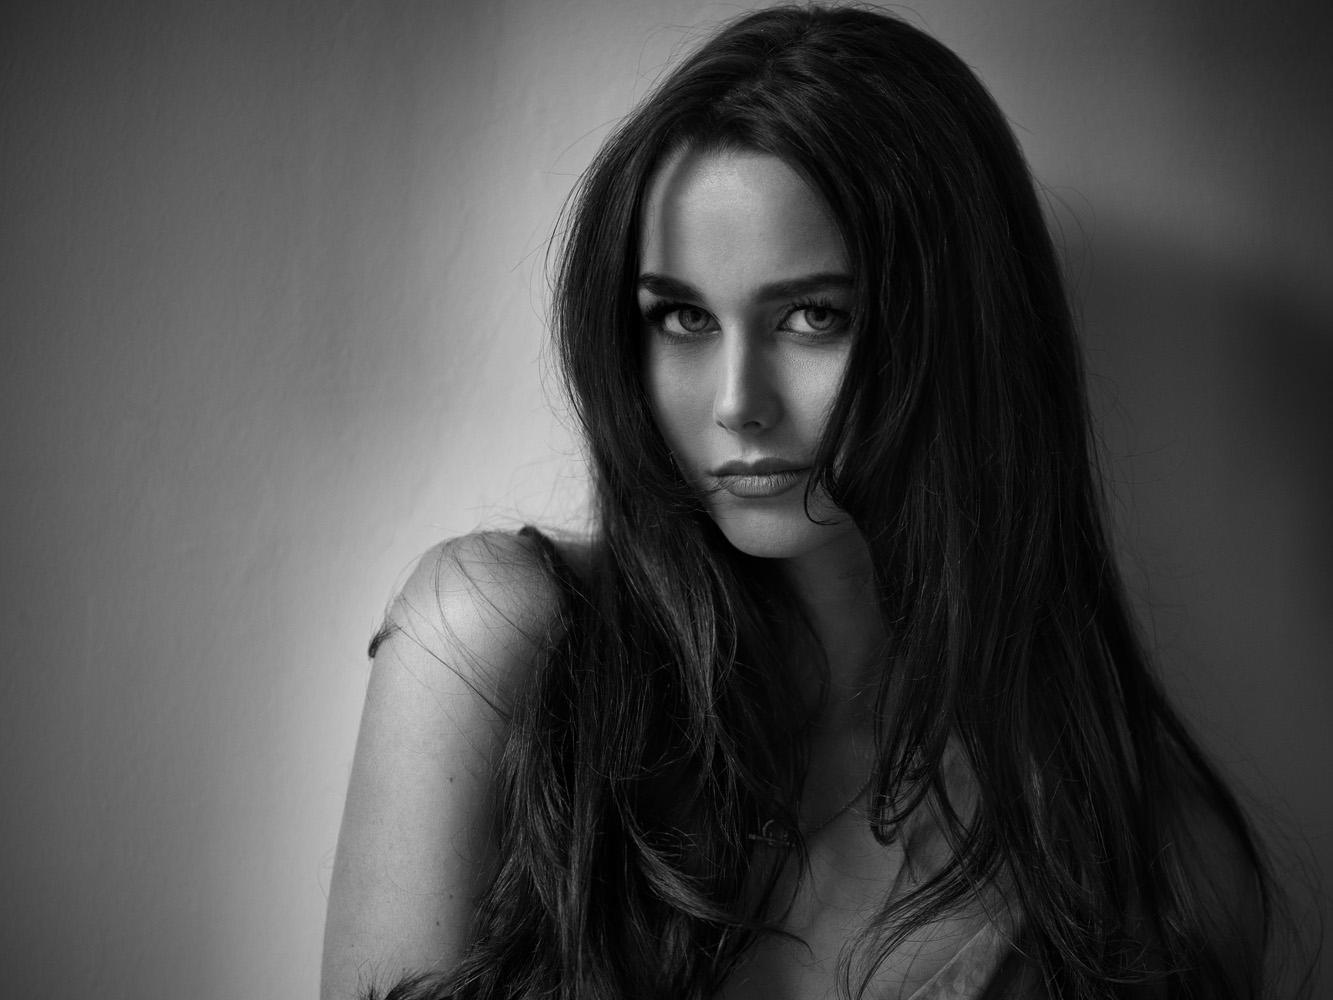 Juliette-161014_1072